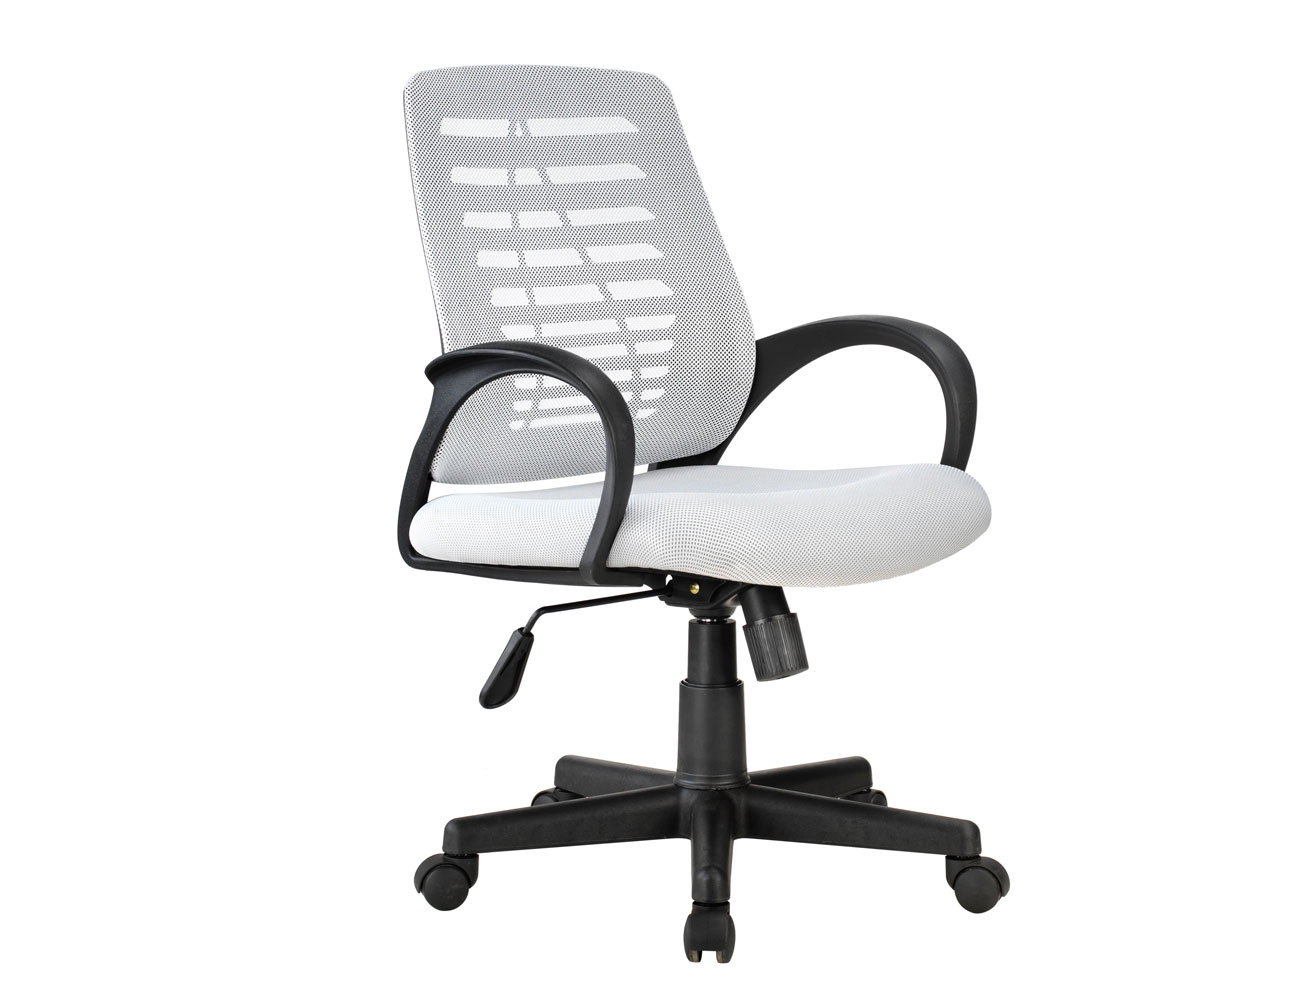 Silla oficina blanco